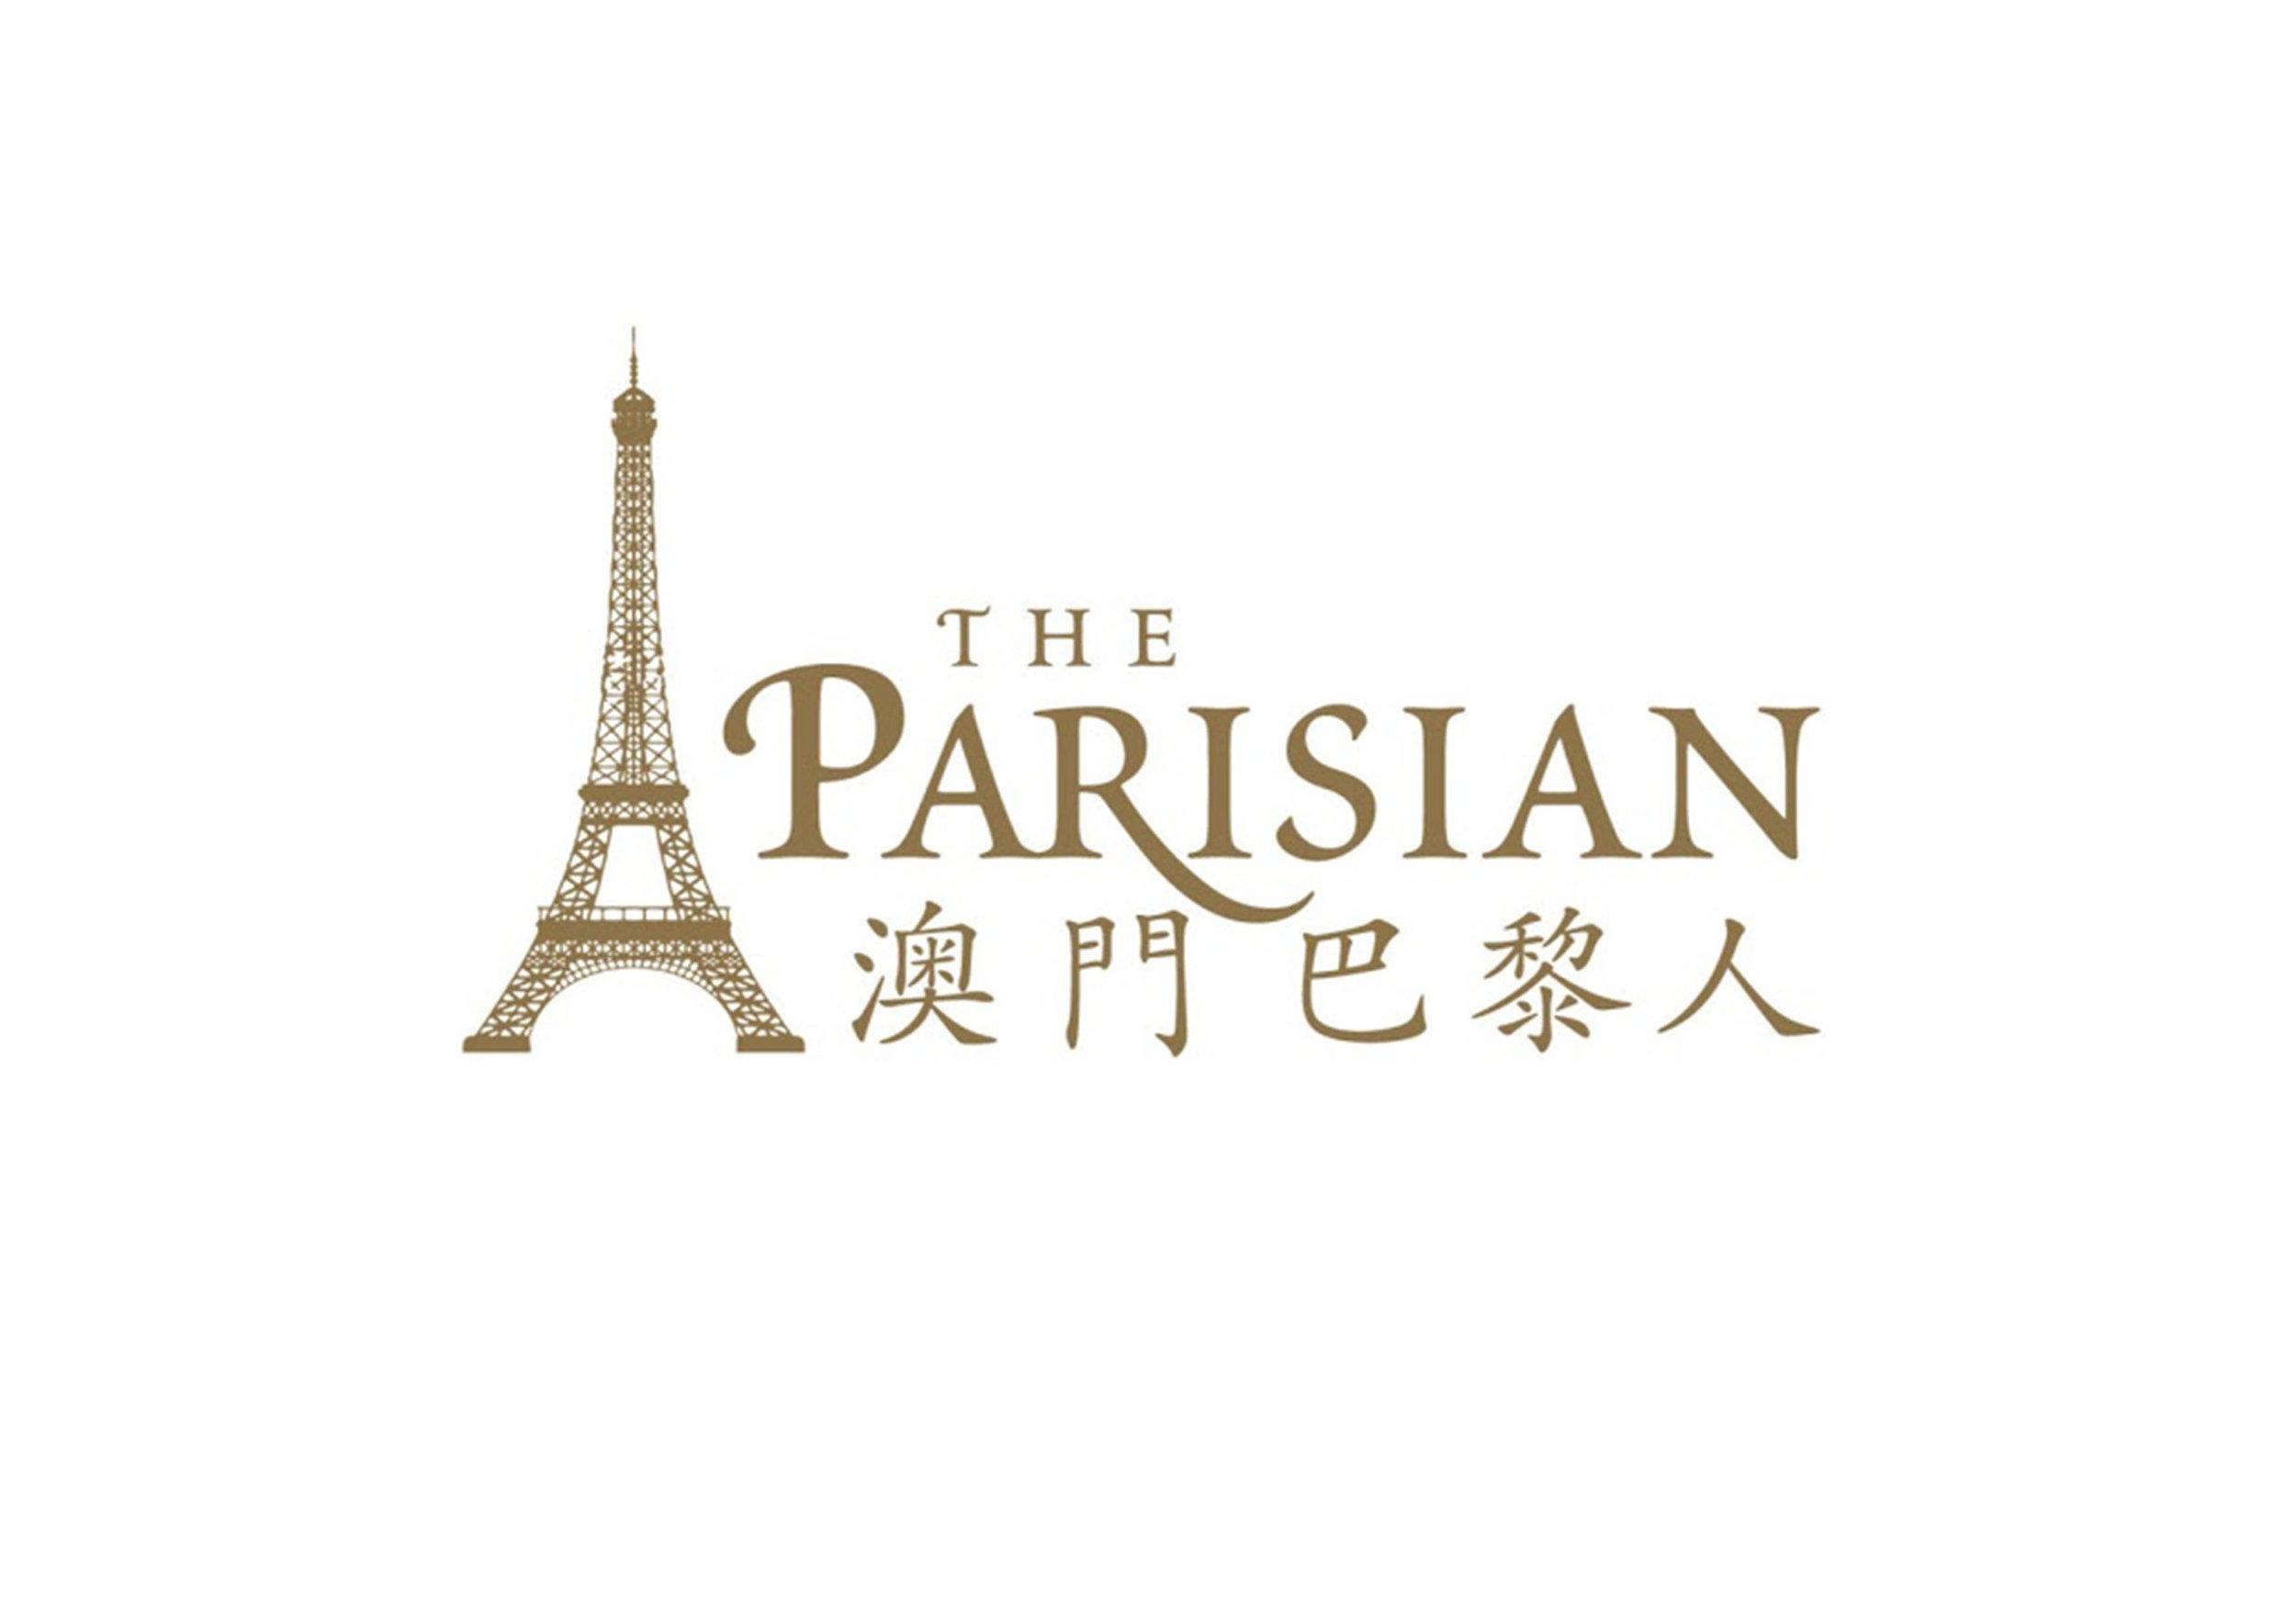 Parisian.jpg